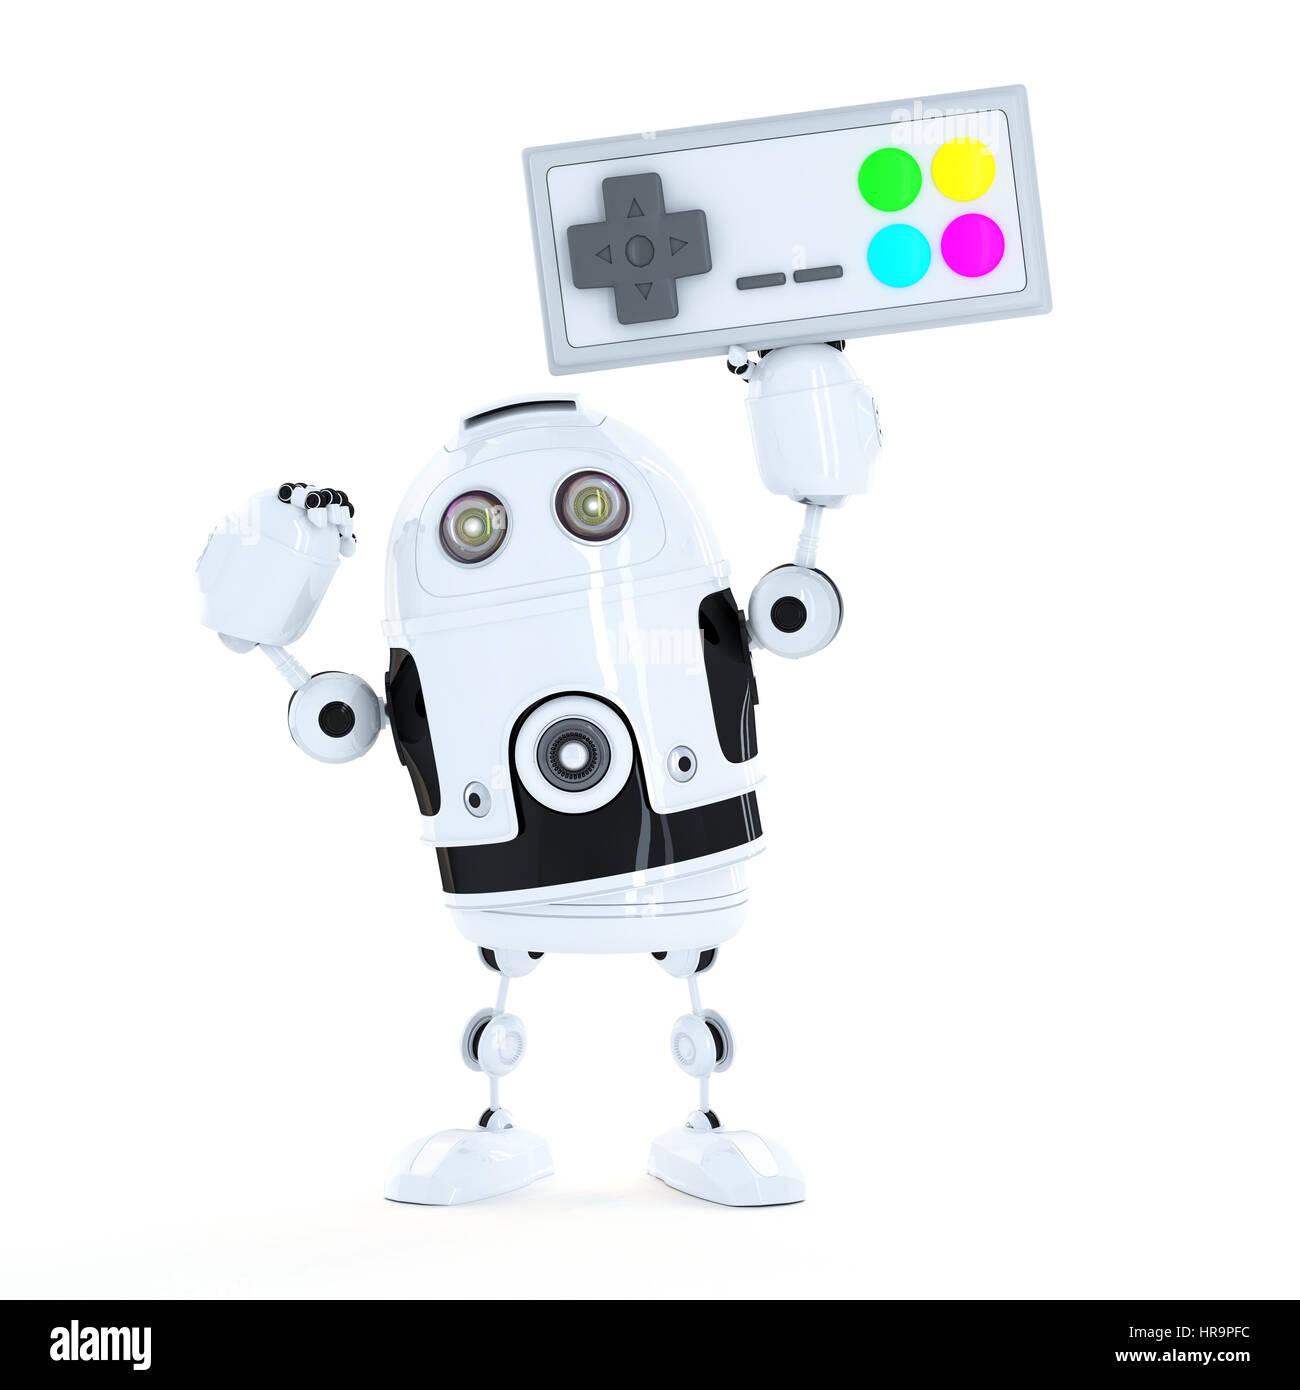 Robot Android avec une manette de jeu sans fil. Isolated on white Banque D'Images